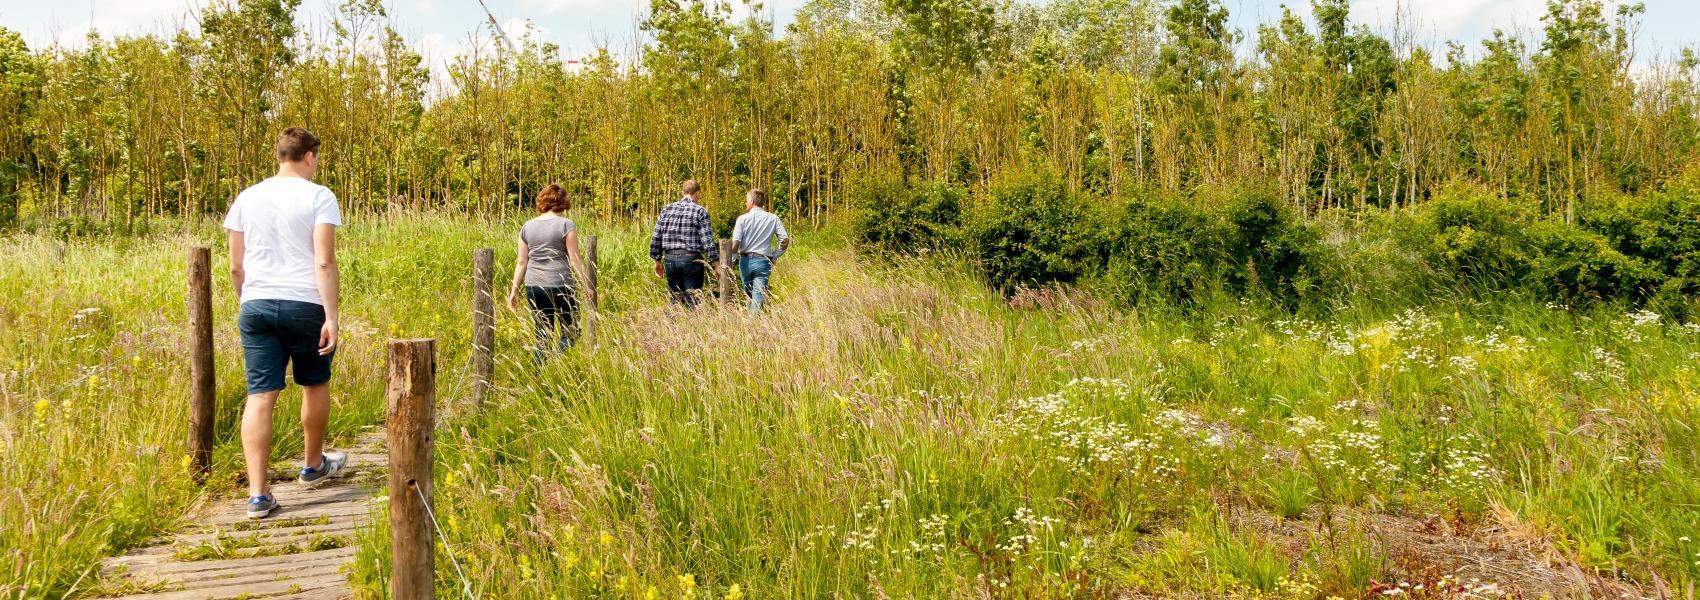 4 wandelaars in het landschap